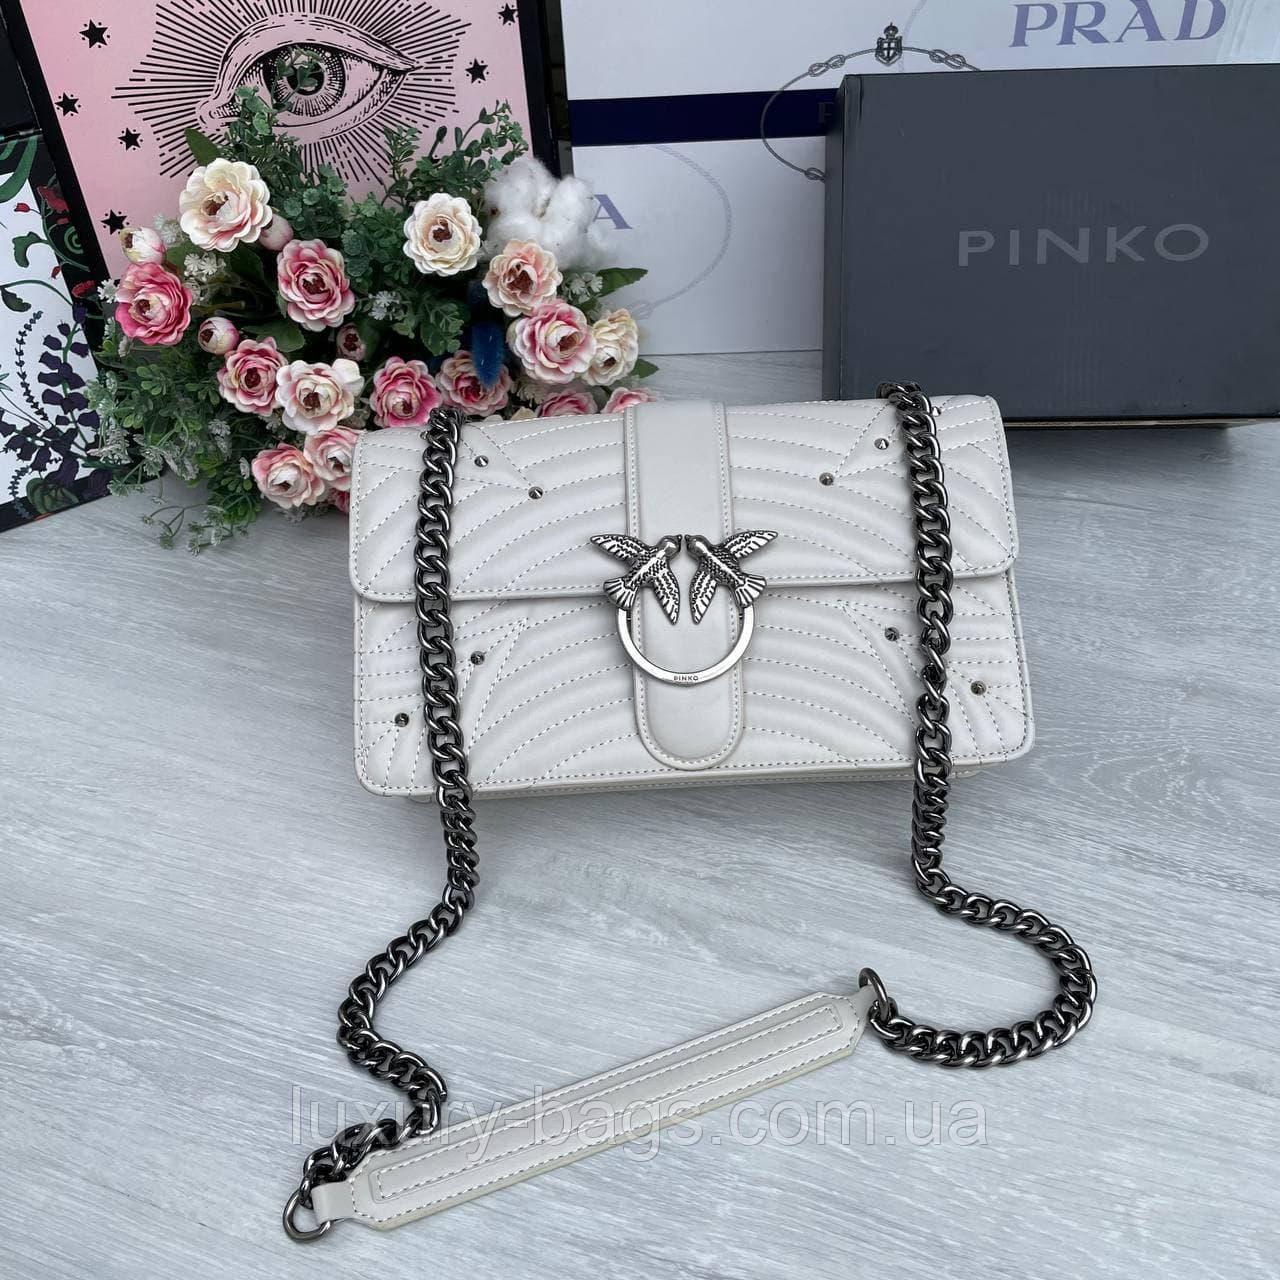 Женская серая сумка Pinko Пинко